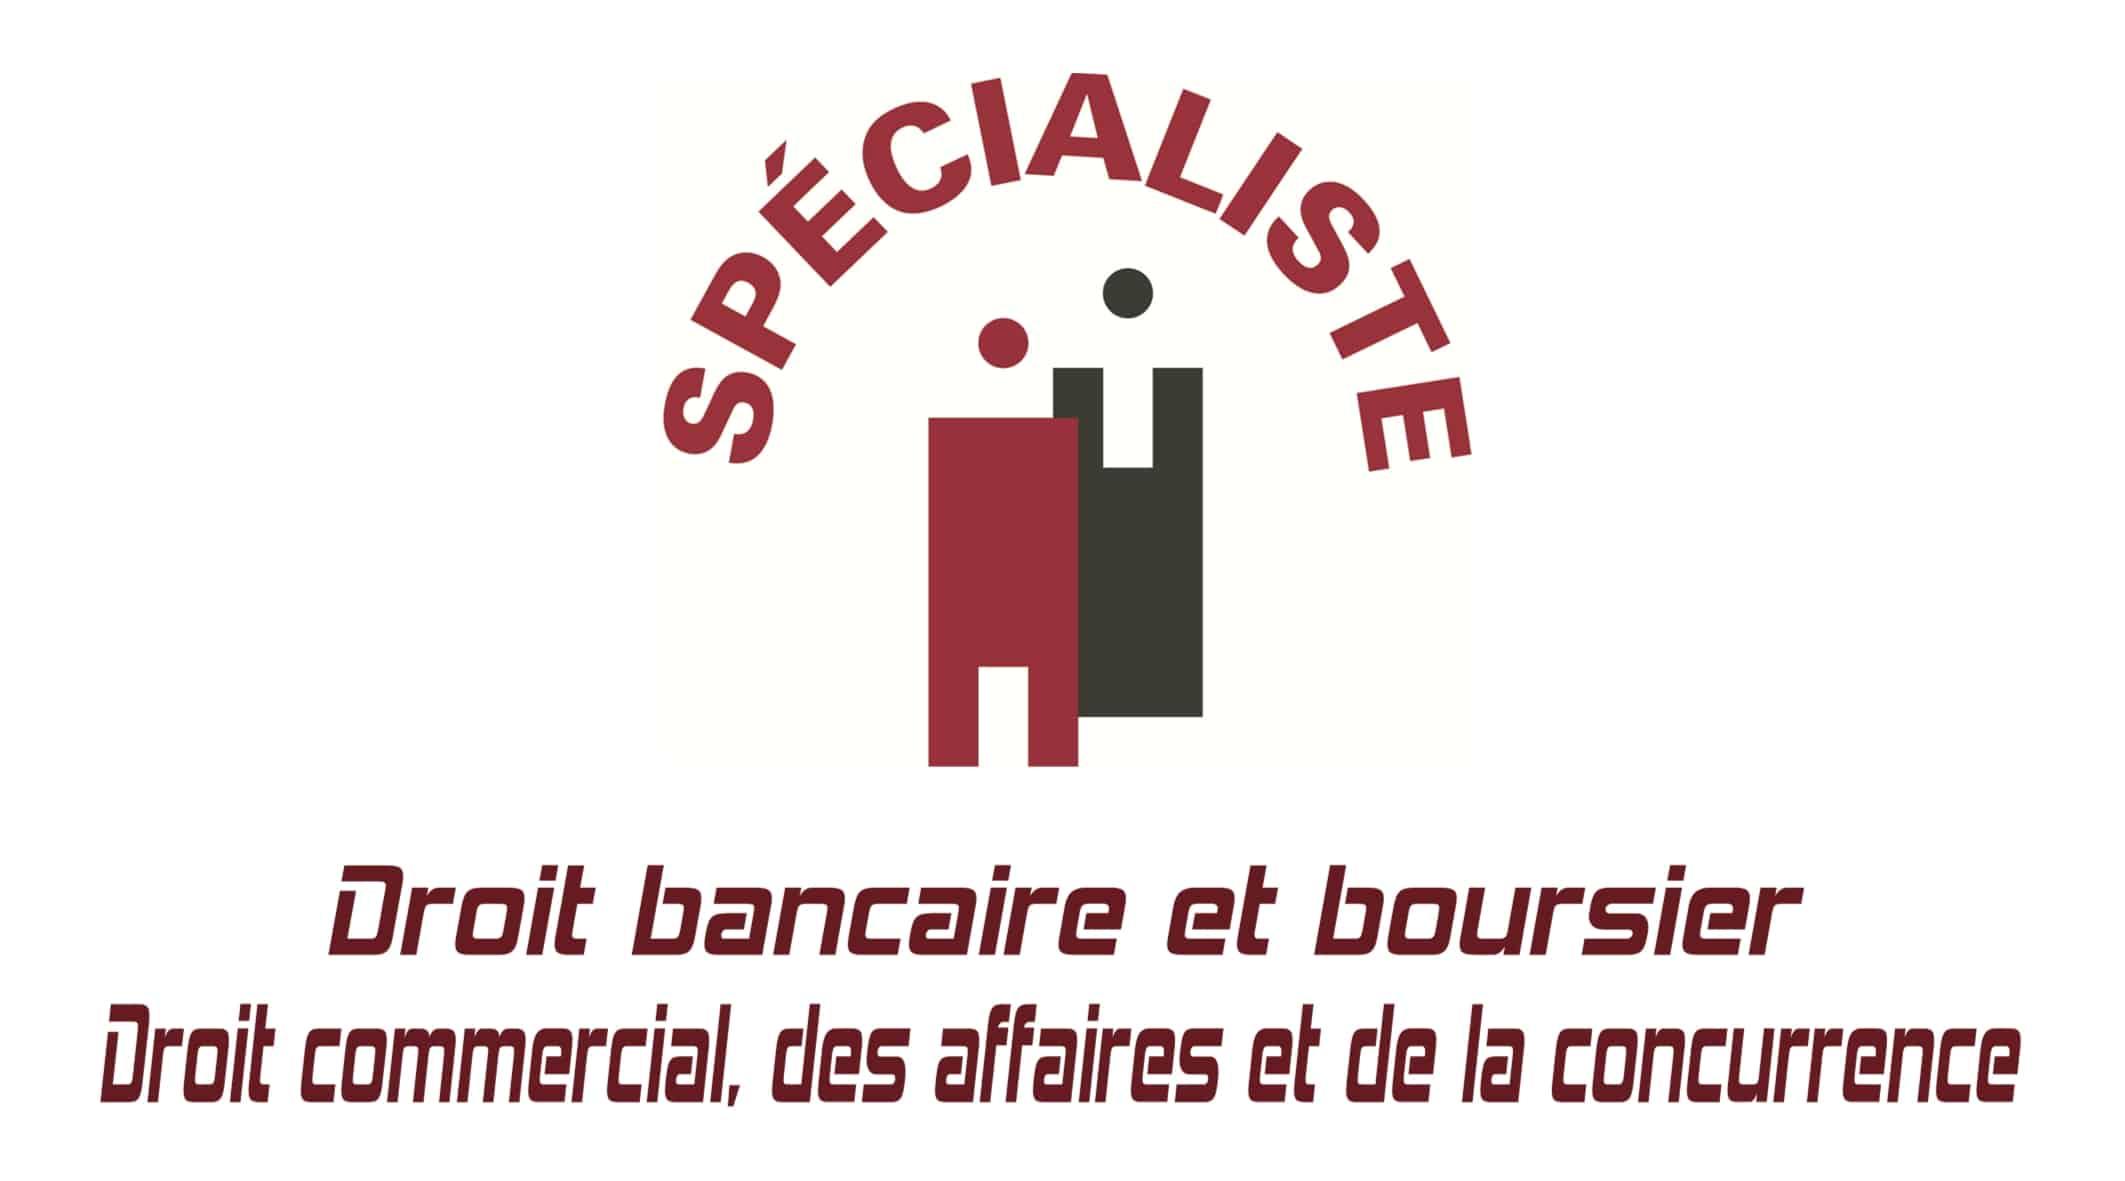 Avocat spécialiste en droit bancaire, droit financier, droit boursier, droit commercial, droit des affaires, droit de la concurrence à Nice